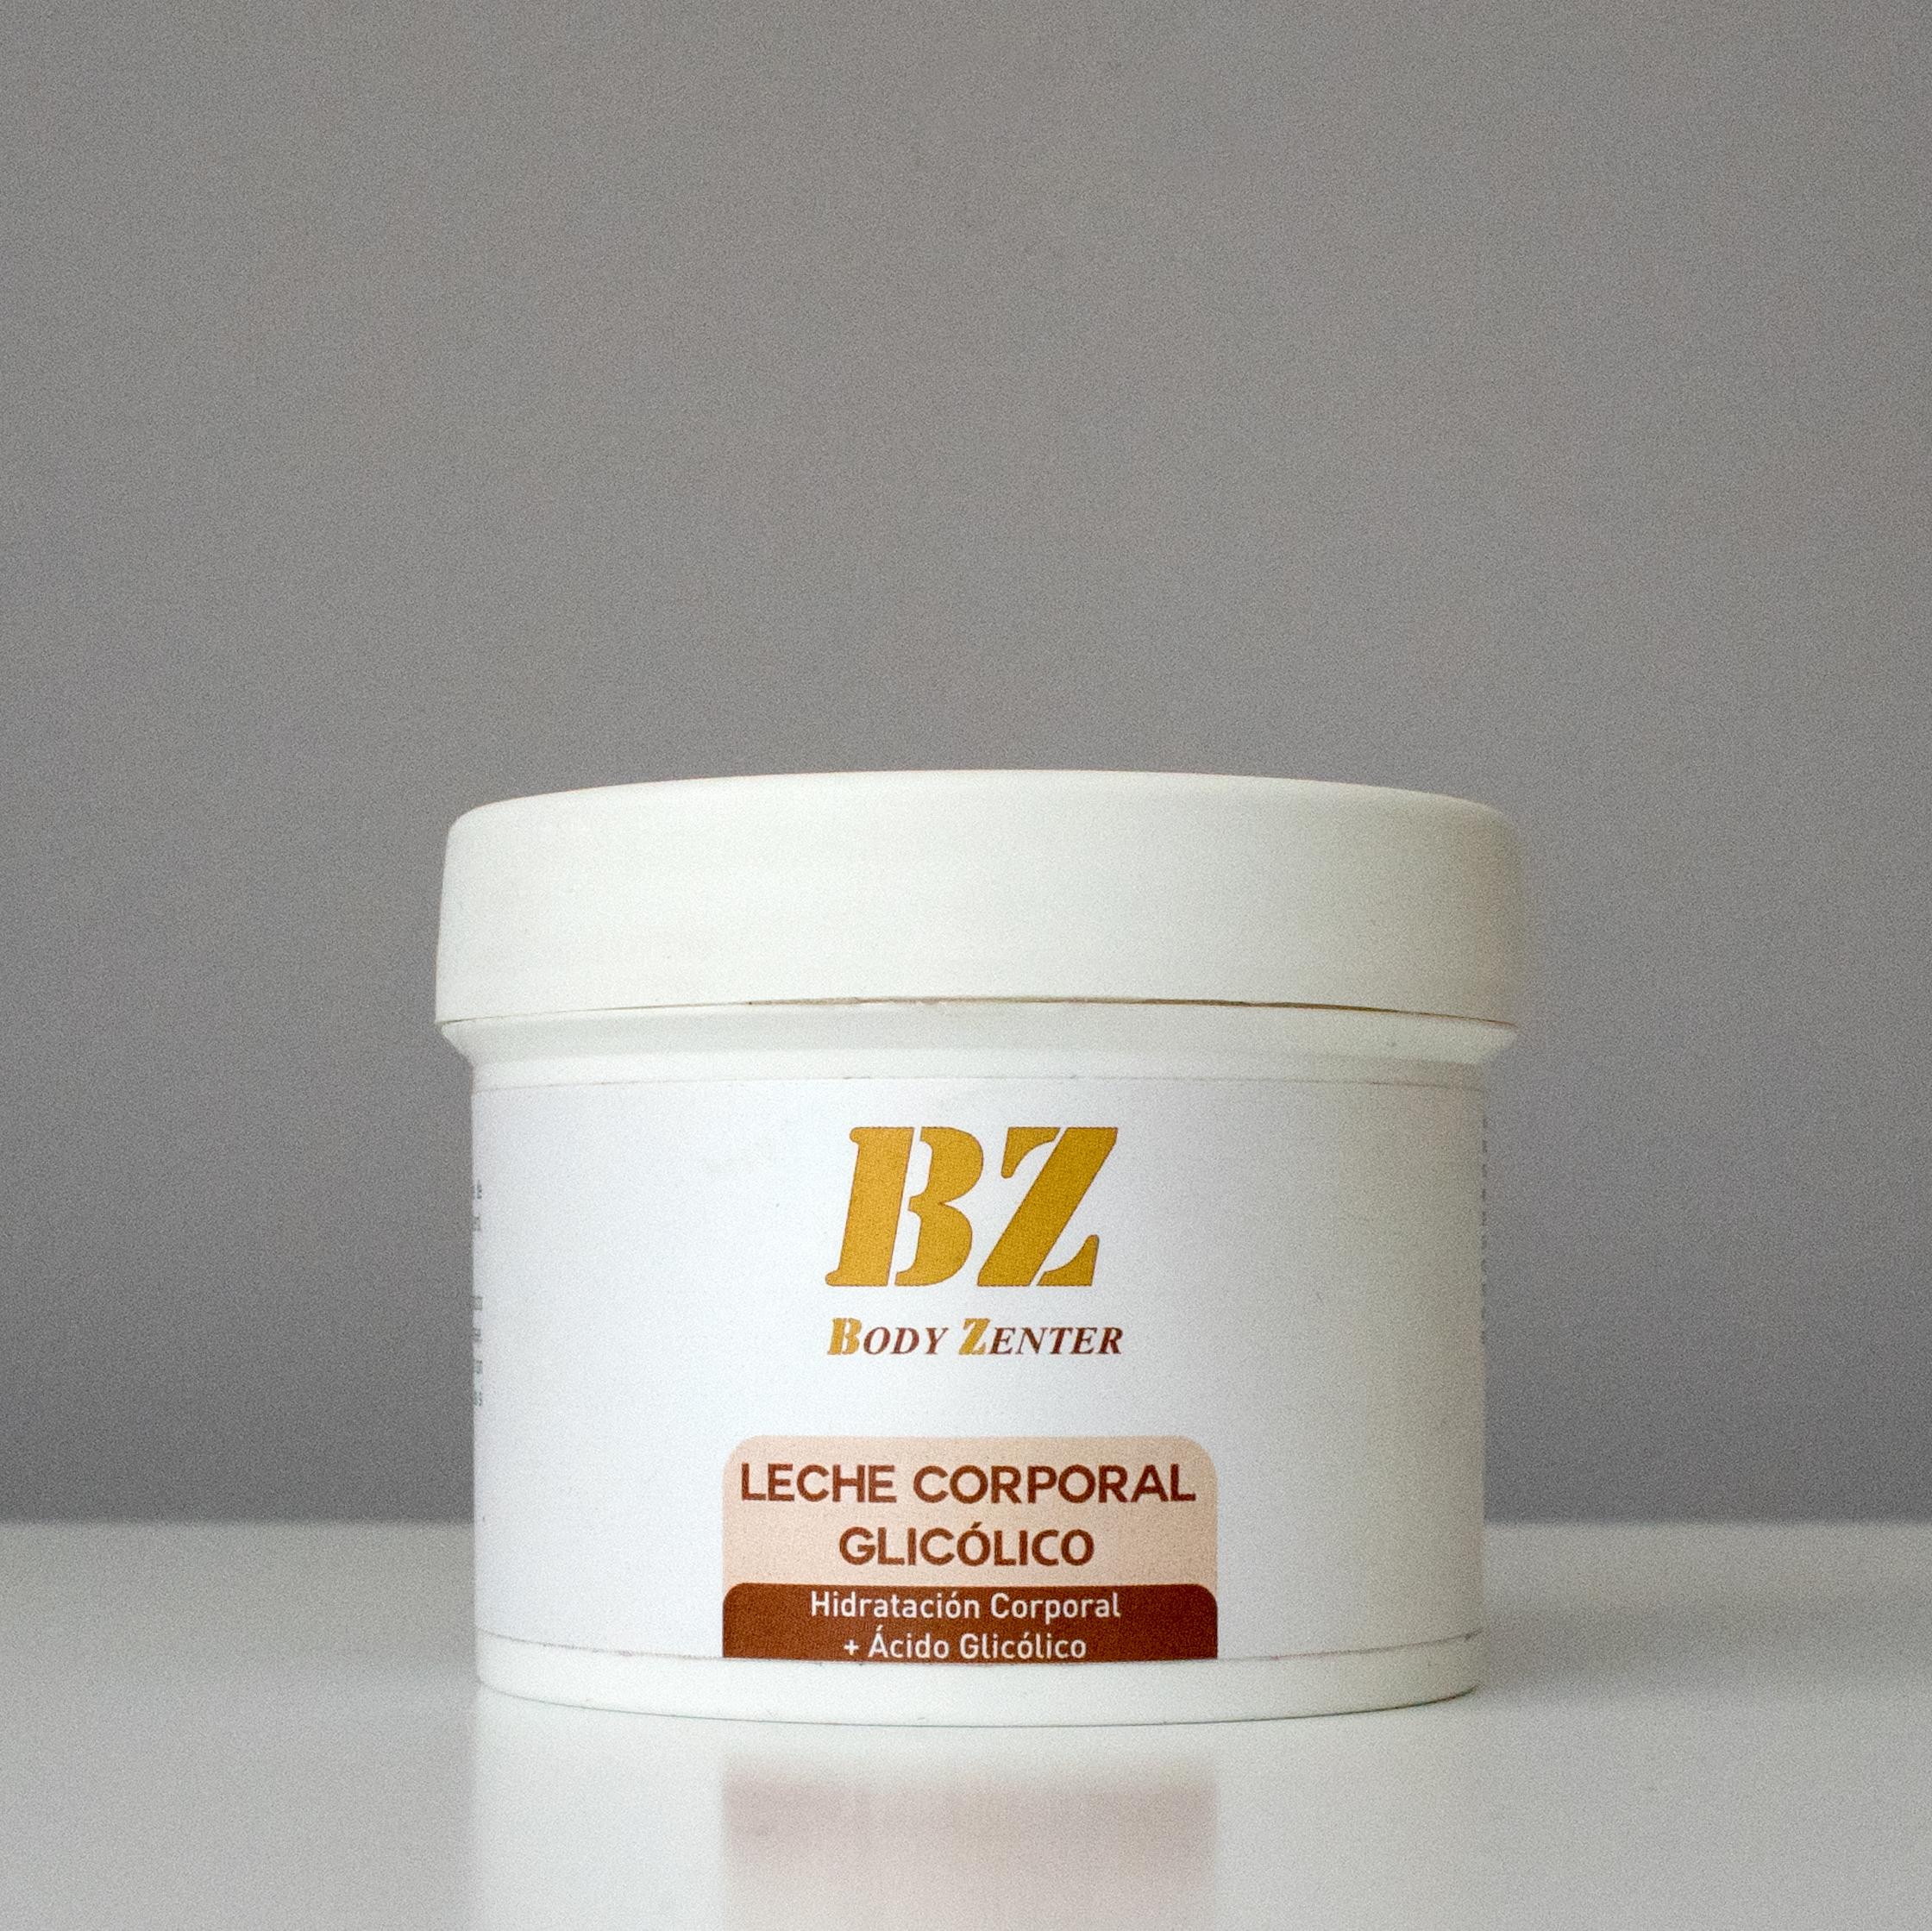 cuerpo-joven-crema-leche-corporal-glicólico-hidratante-